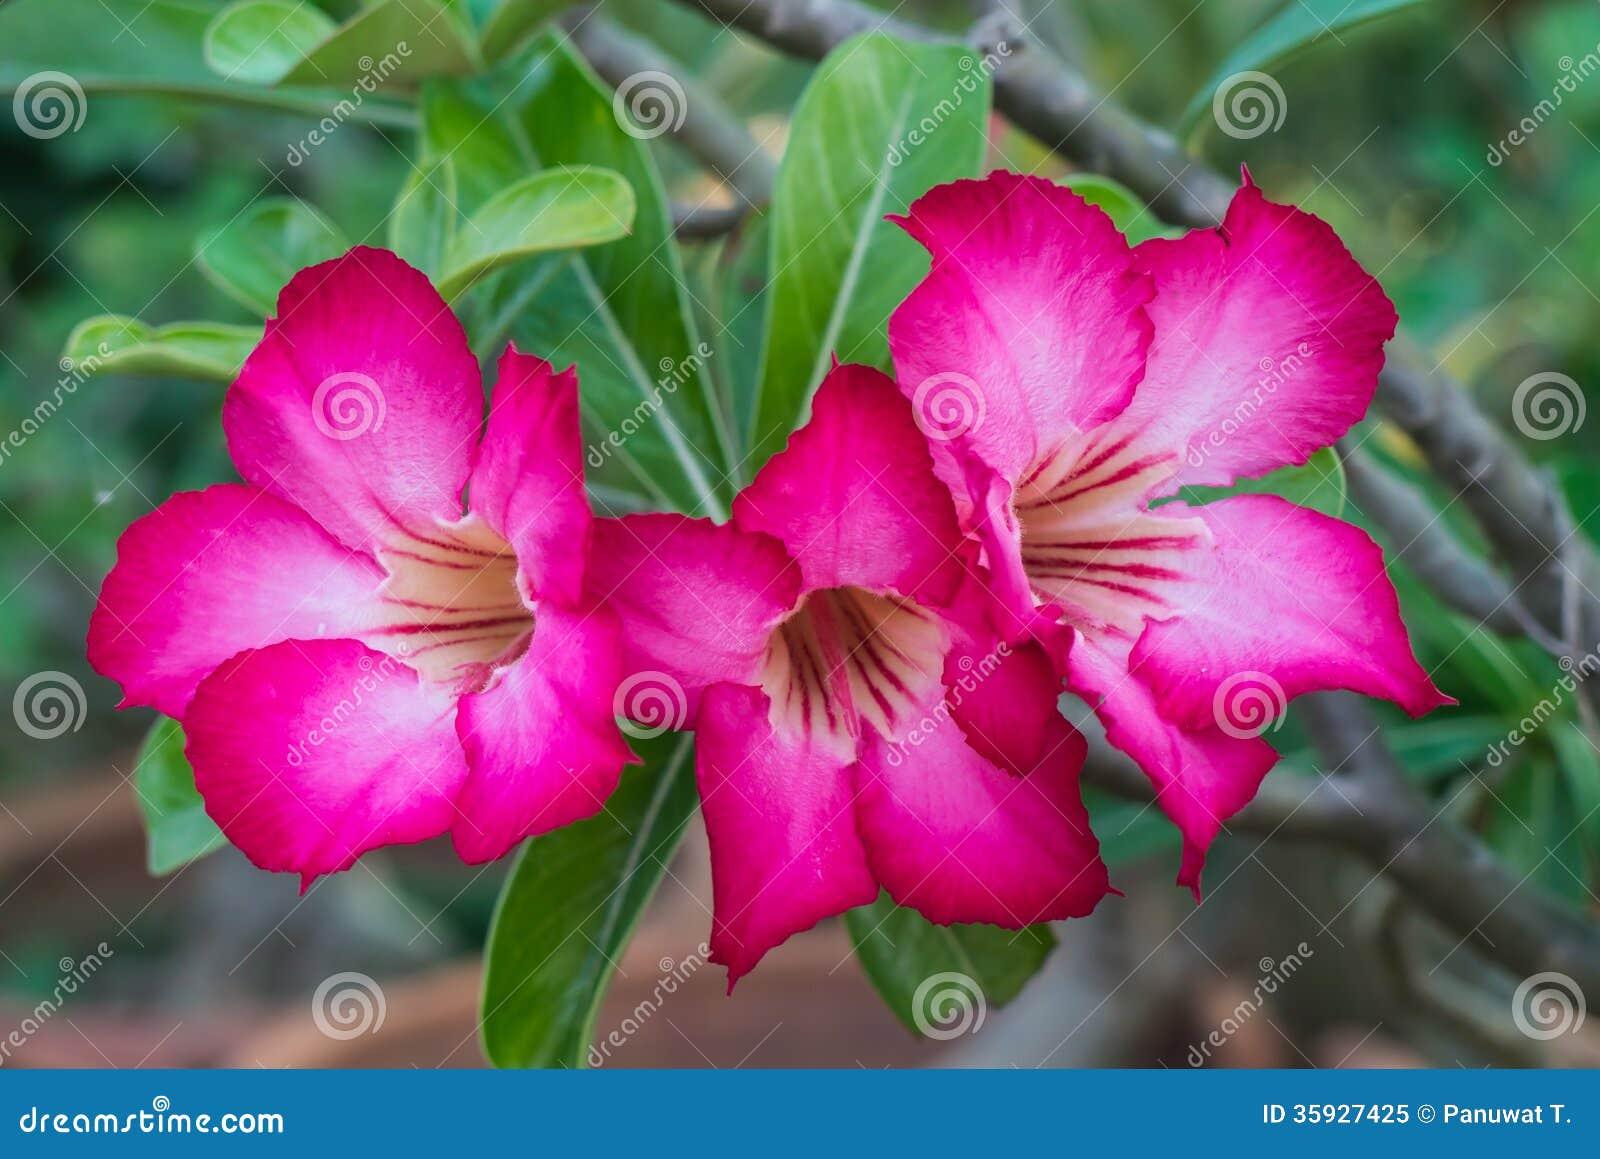 Pink Azalea Flowers Royalty Free Stock Photo Image 35927425